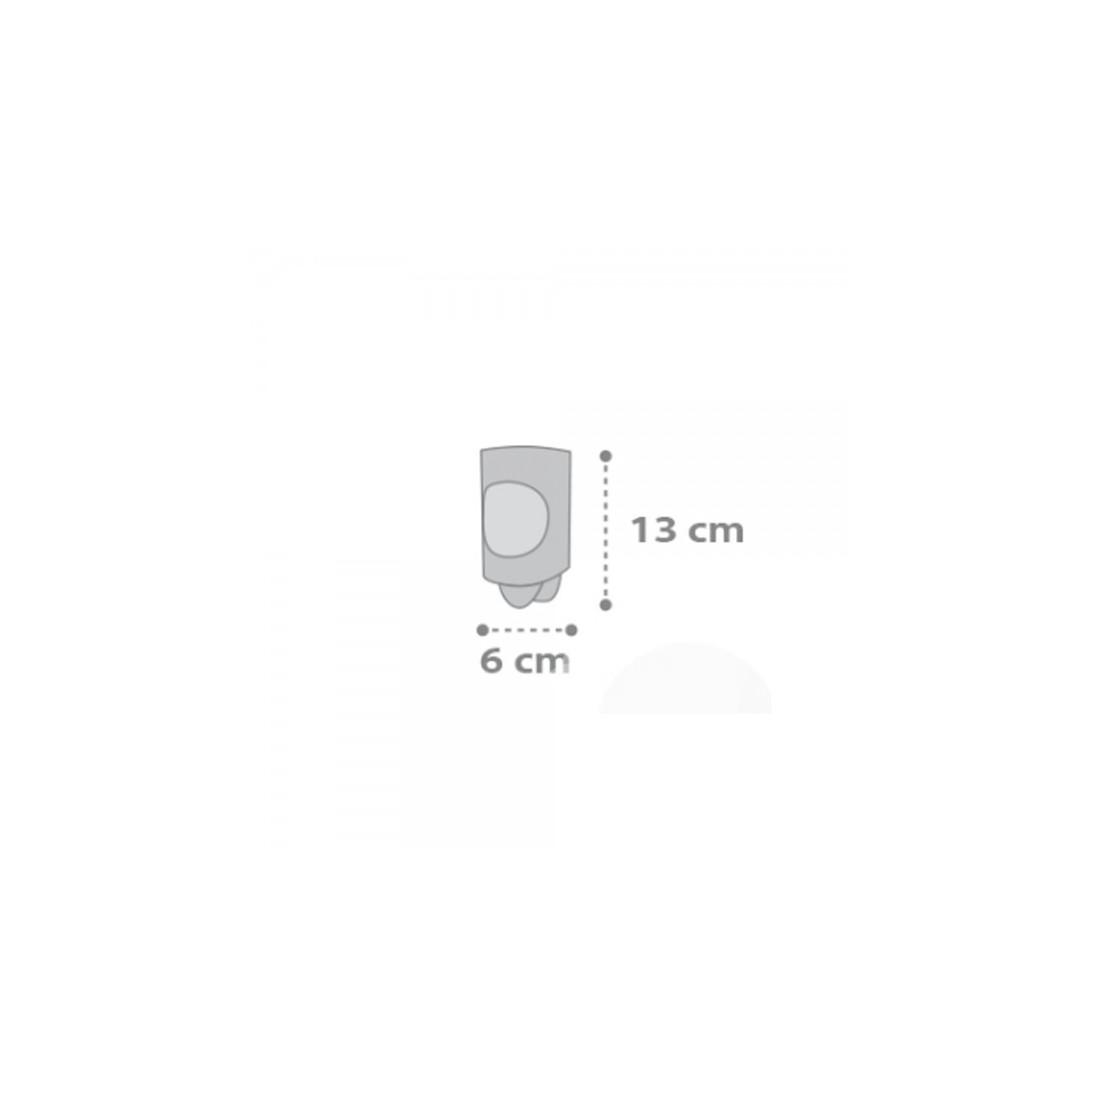 L mparas led con mando a distancia calidad y dise o for Bombillas led con mando a distancia